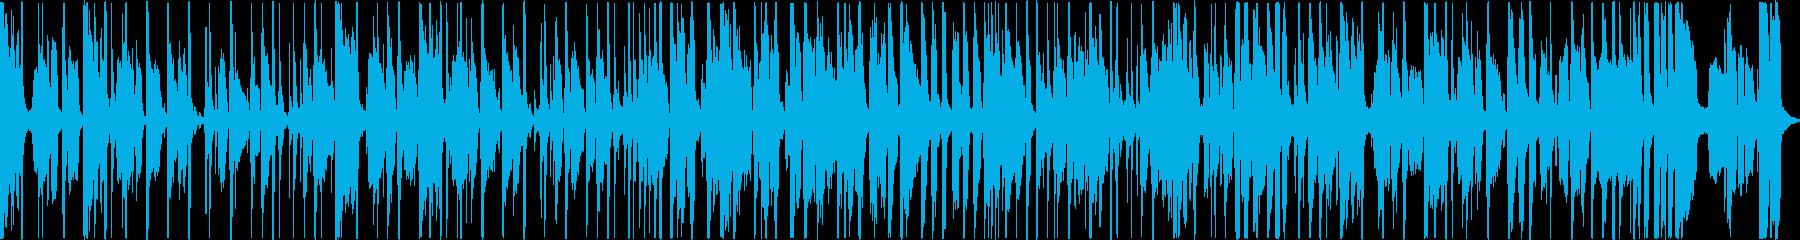 サックスのクールなファンクトラックの再生済みの波形